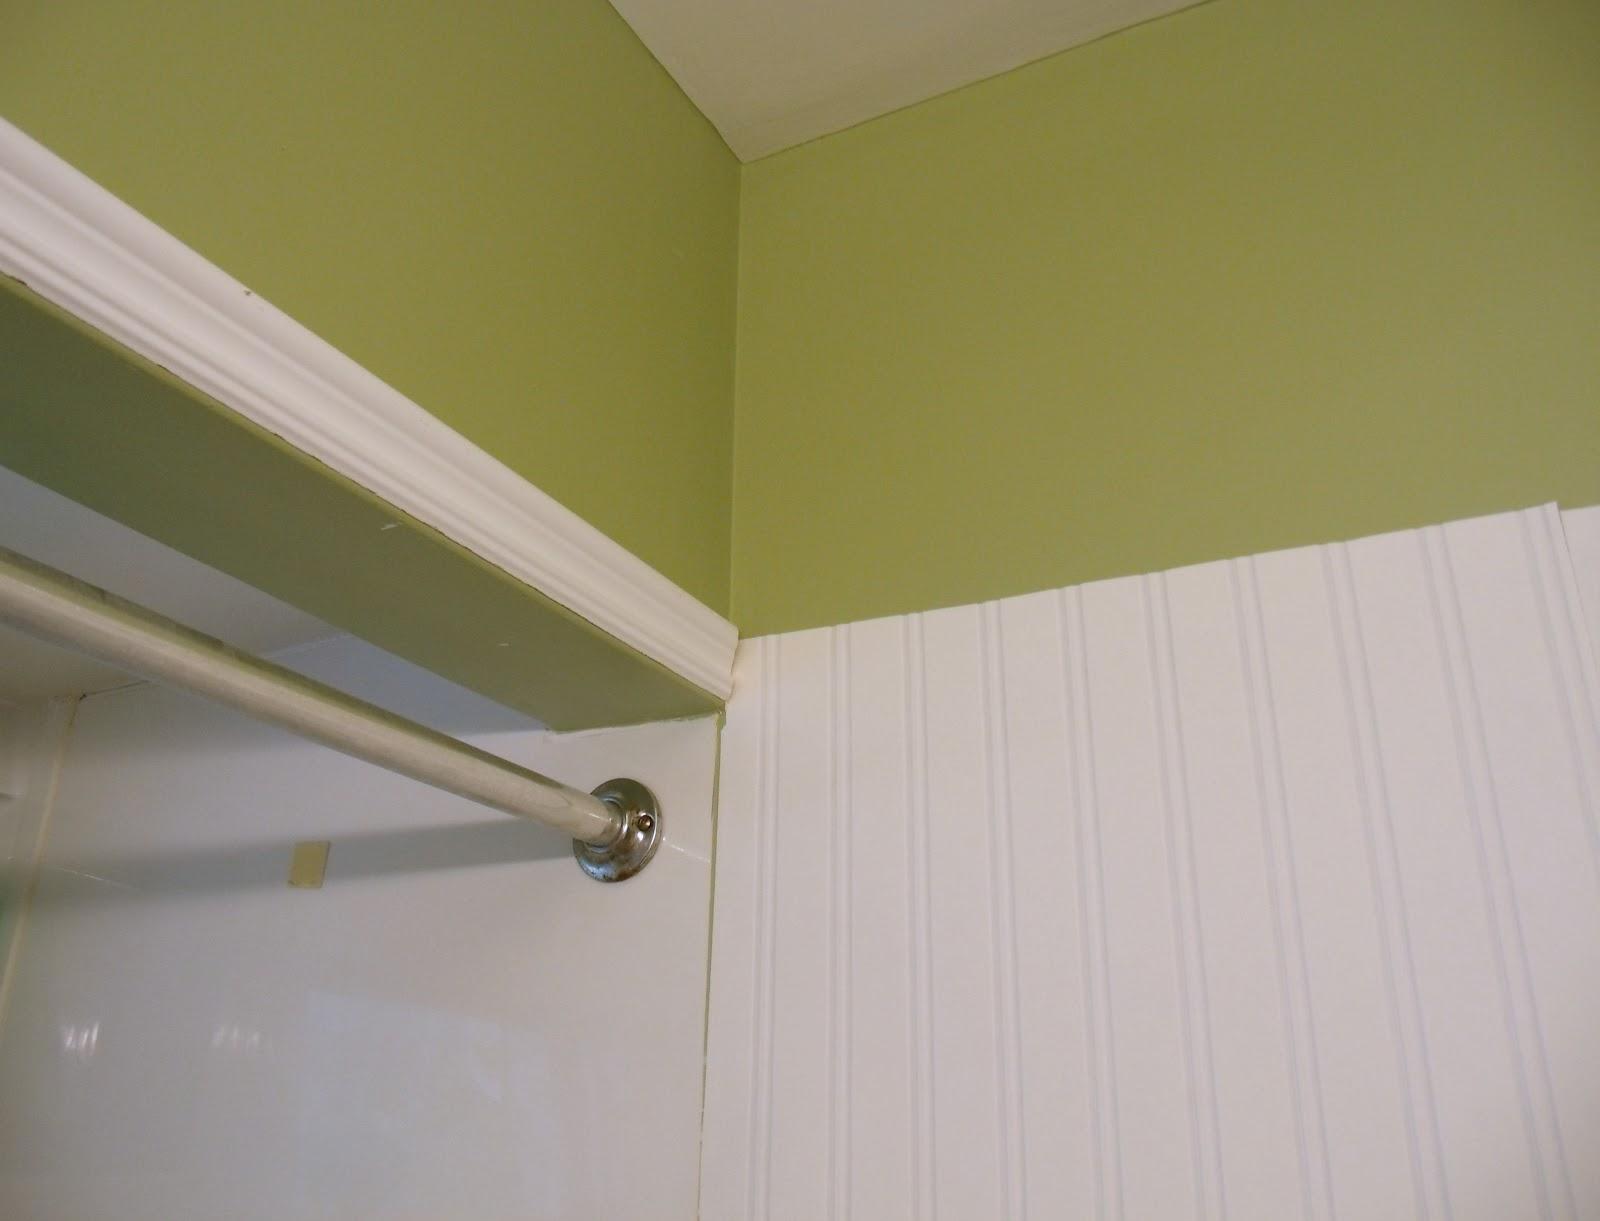 wallpaper: Wallpaper Around An External Corner